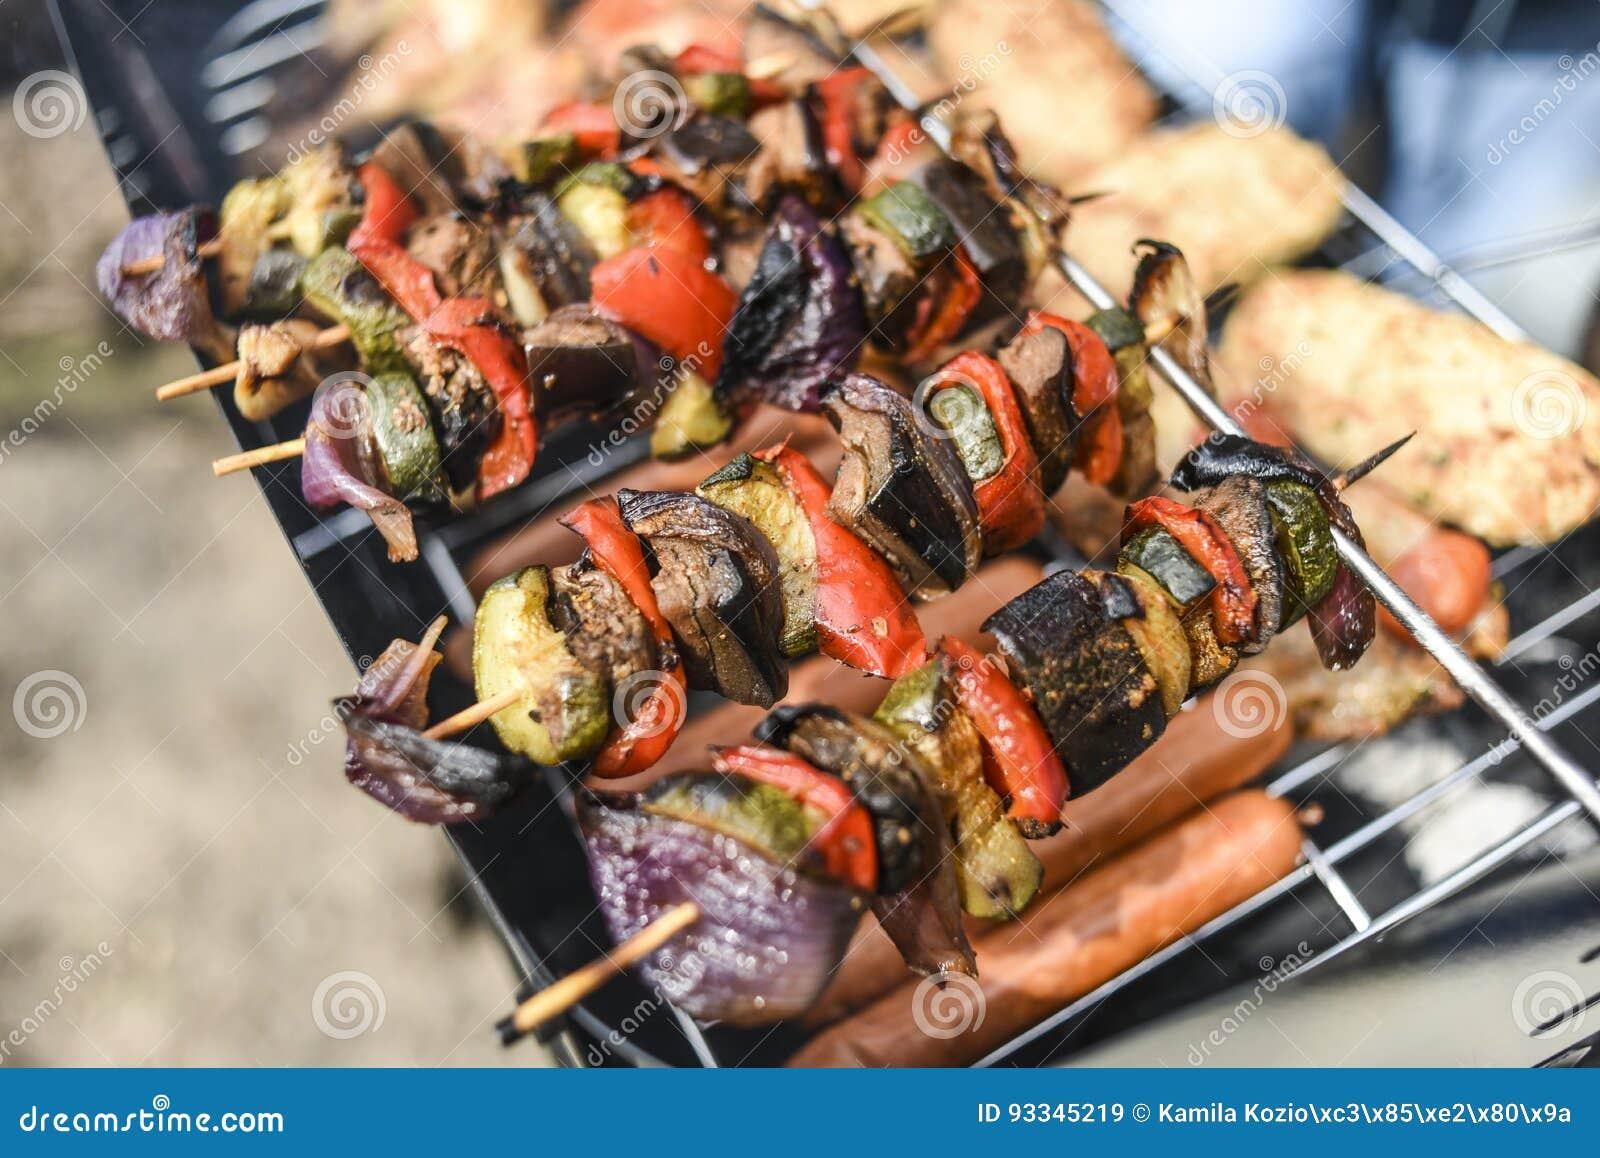 Shashlik dalle verdure sulla griglia, all aperto, ora legale